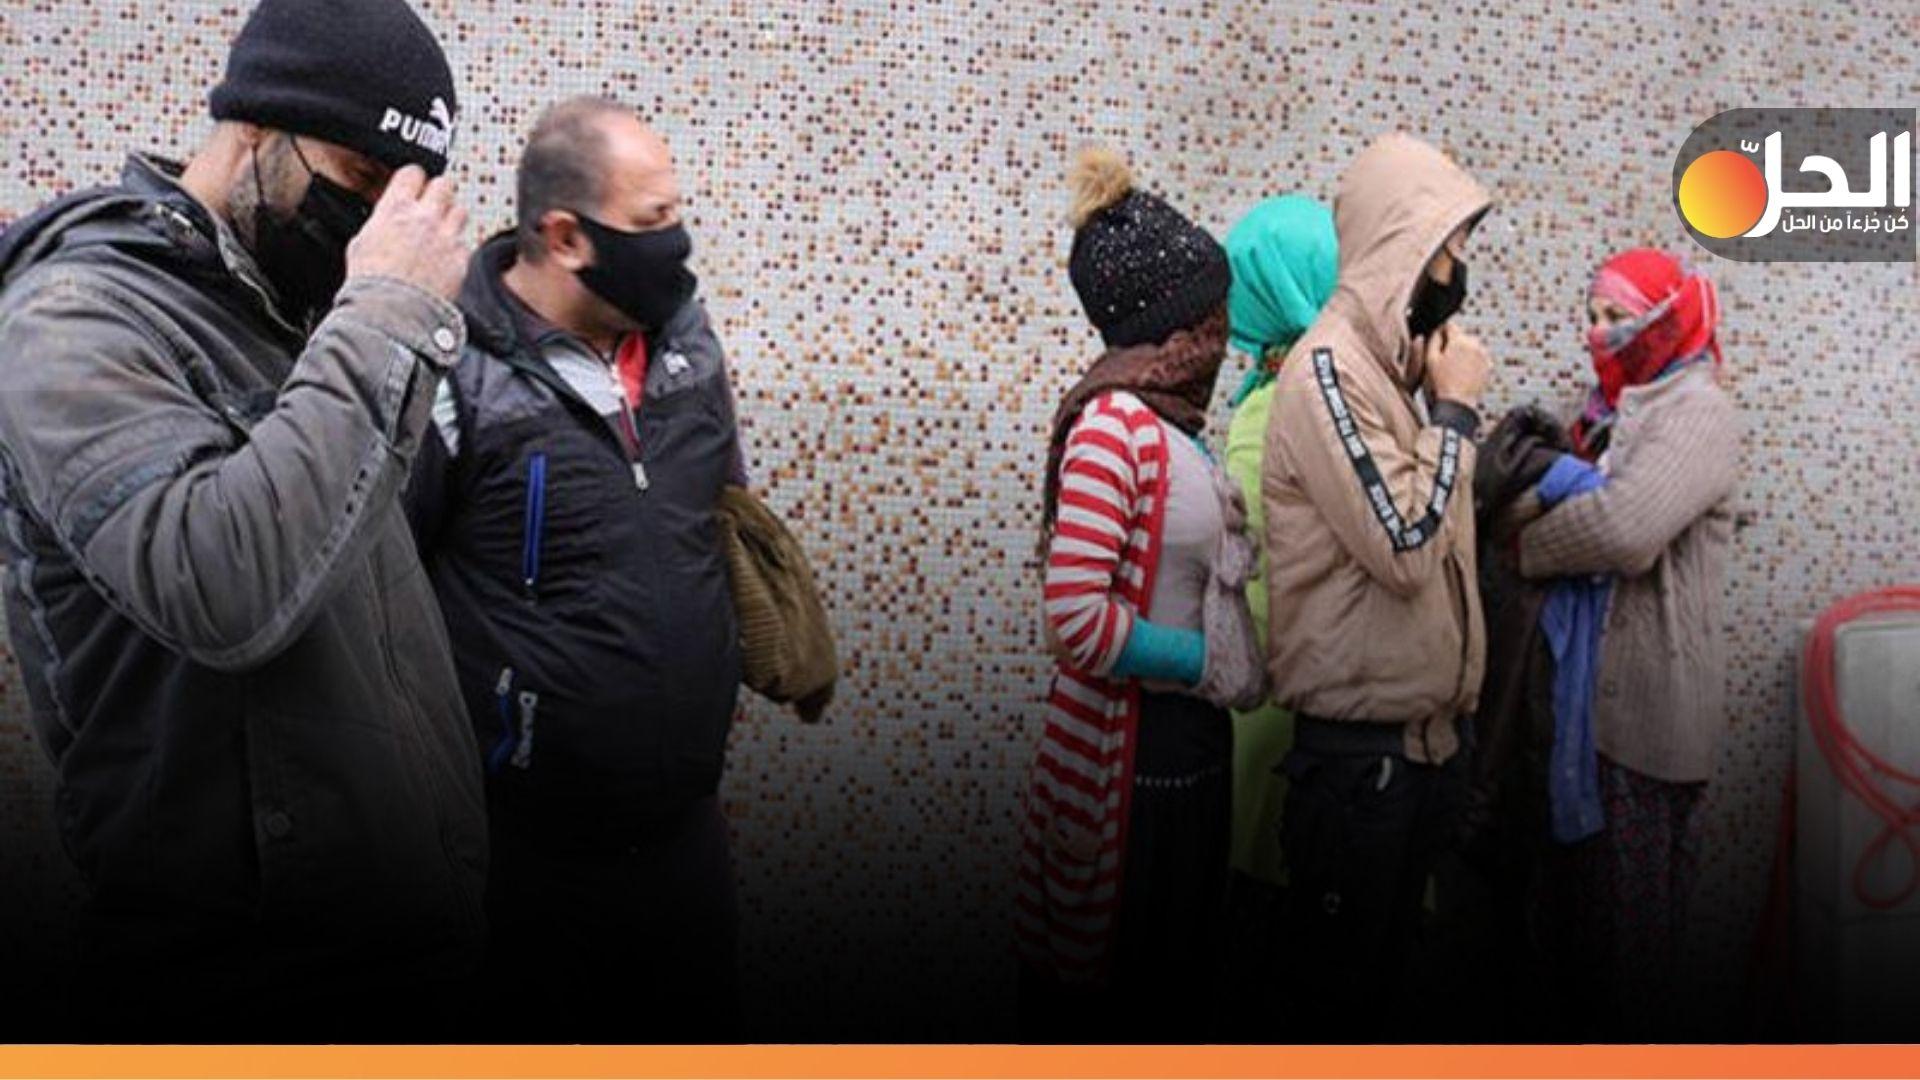 بينهم سوريون.. الشرطة التركية تعتقل مهاجرين وتغرم بعضهم